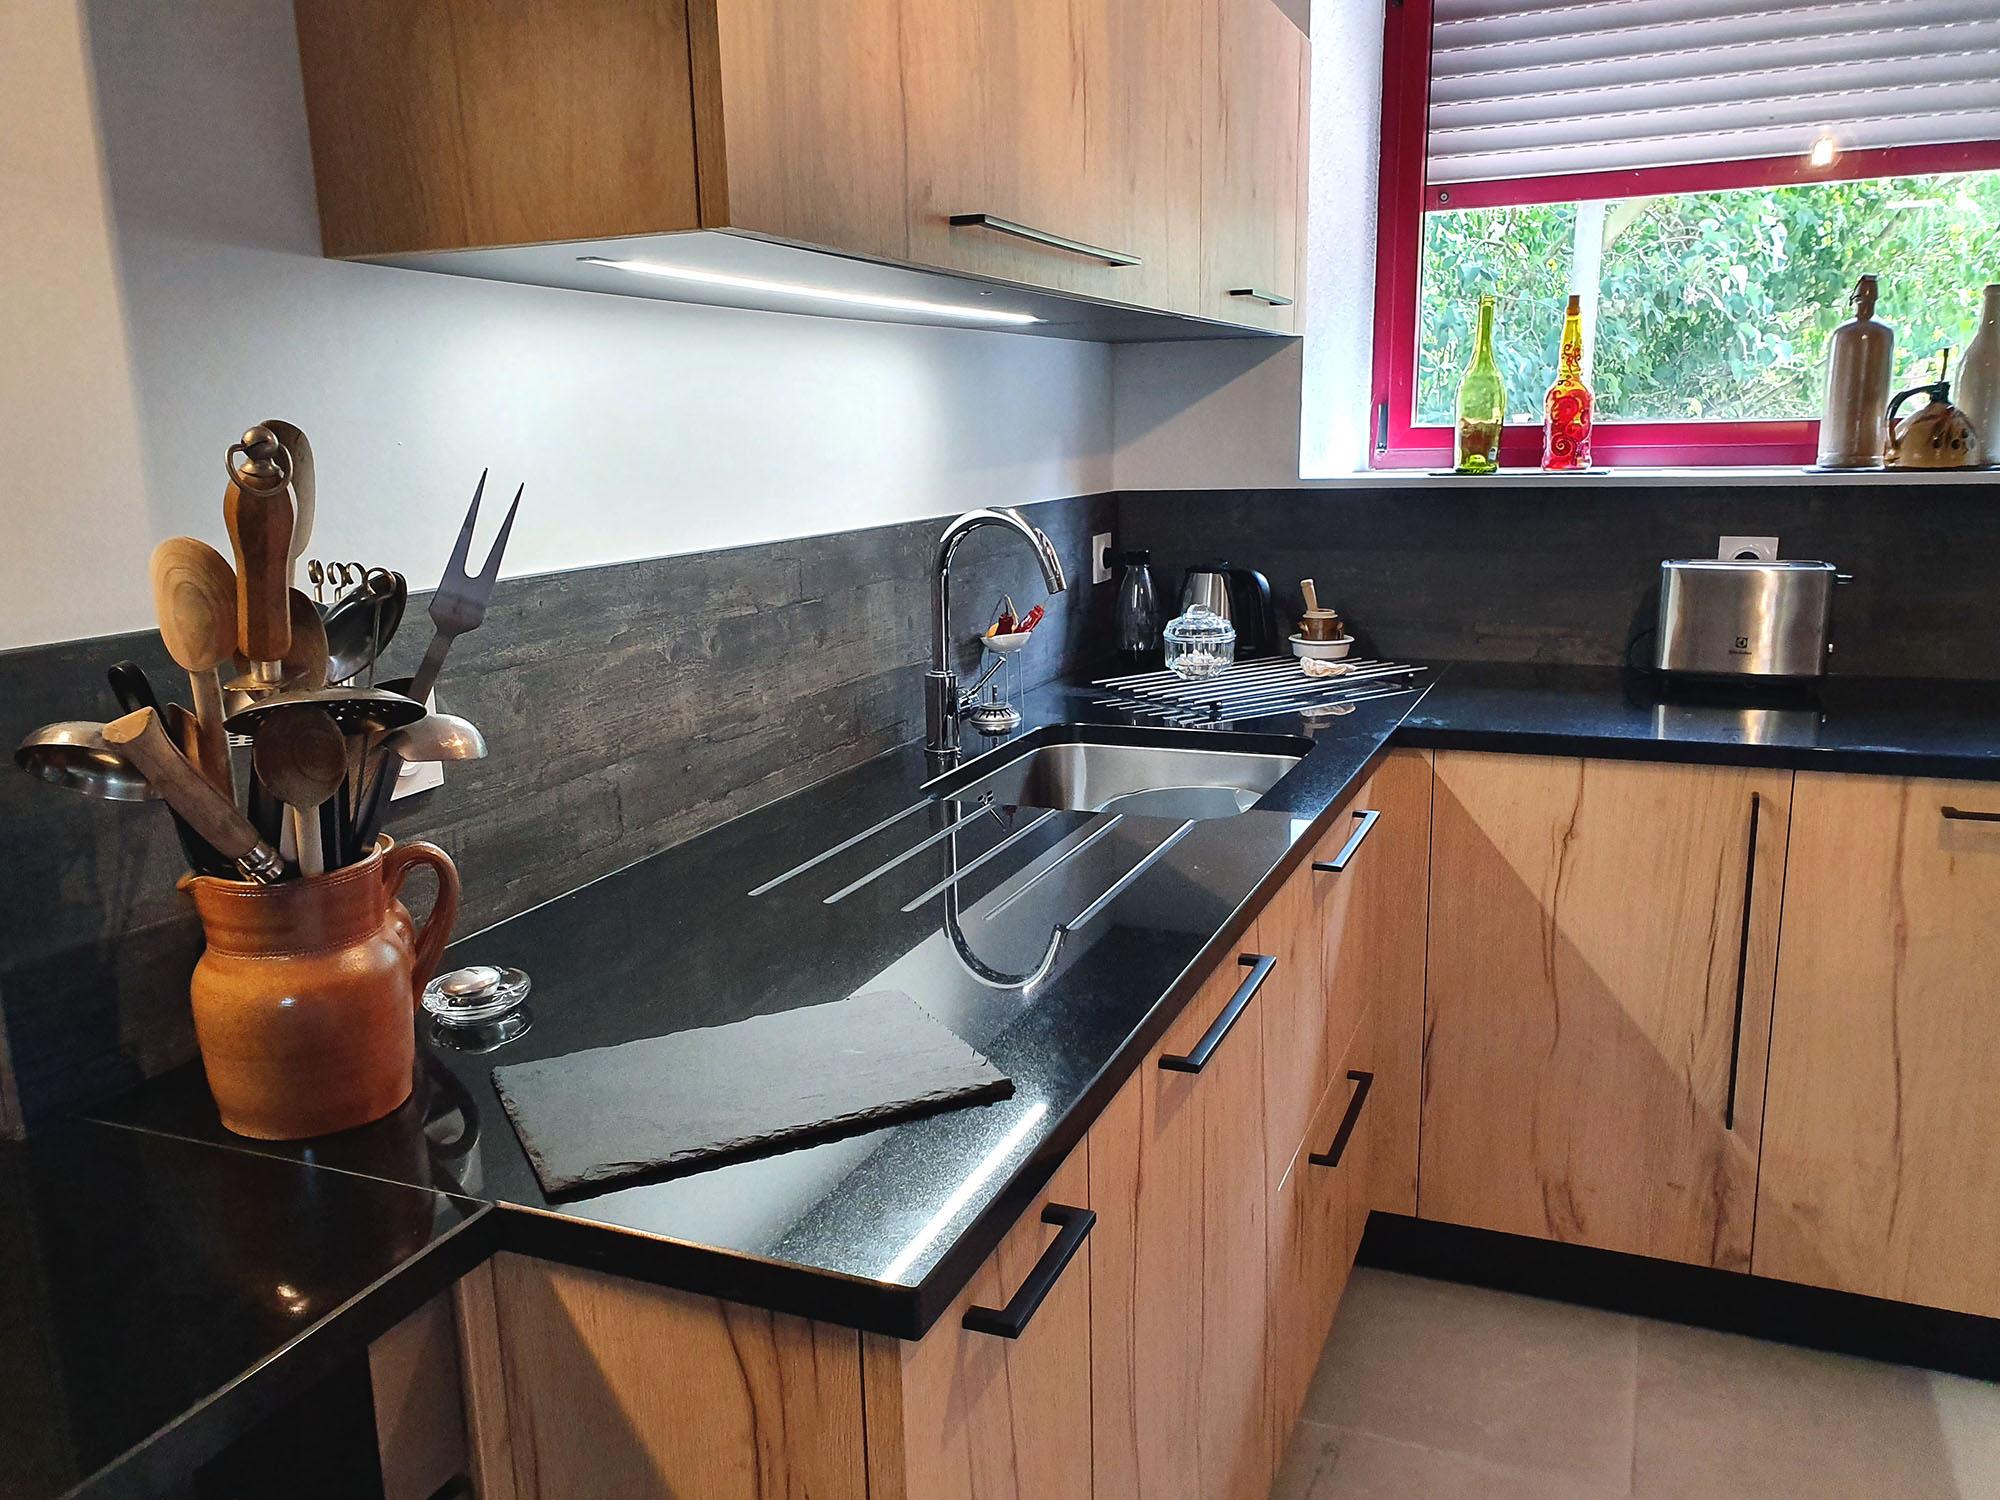 Plan de travail en granite rainuré pour l'égouttoir de la vaisselle